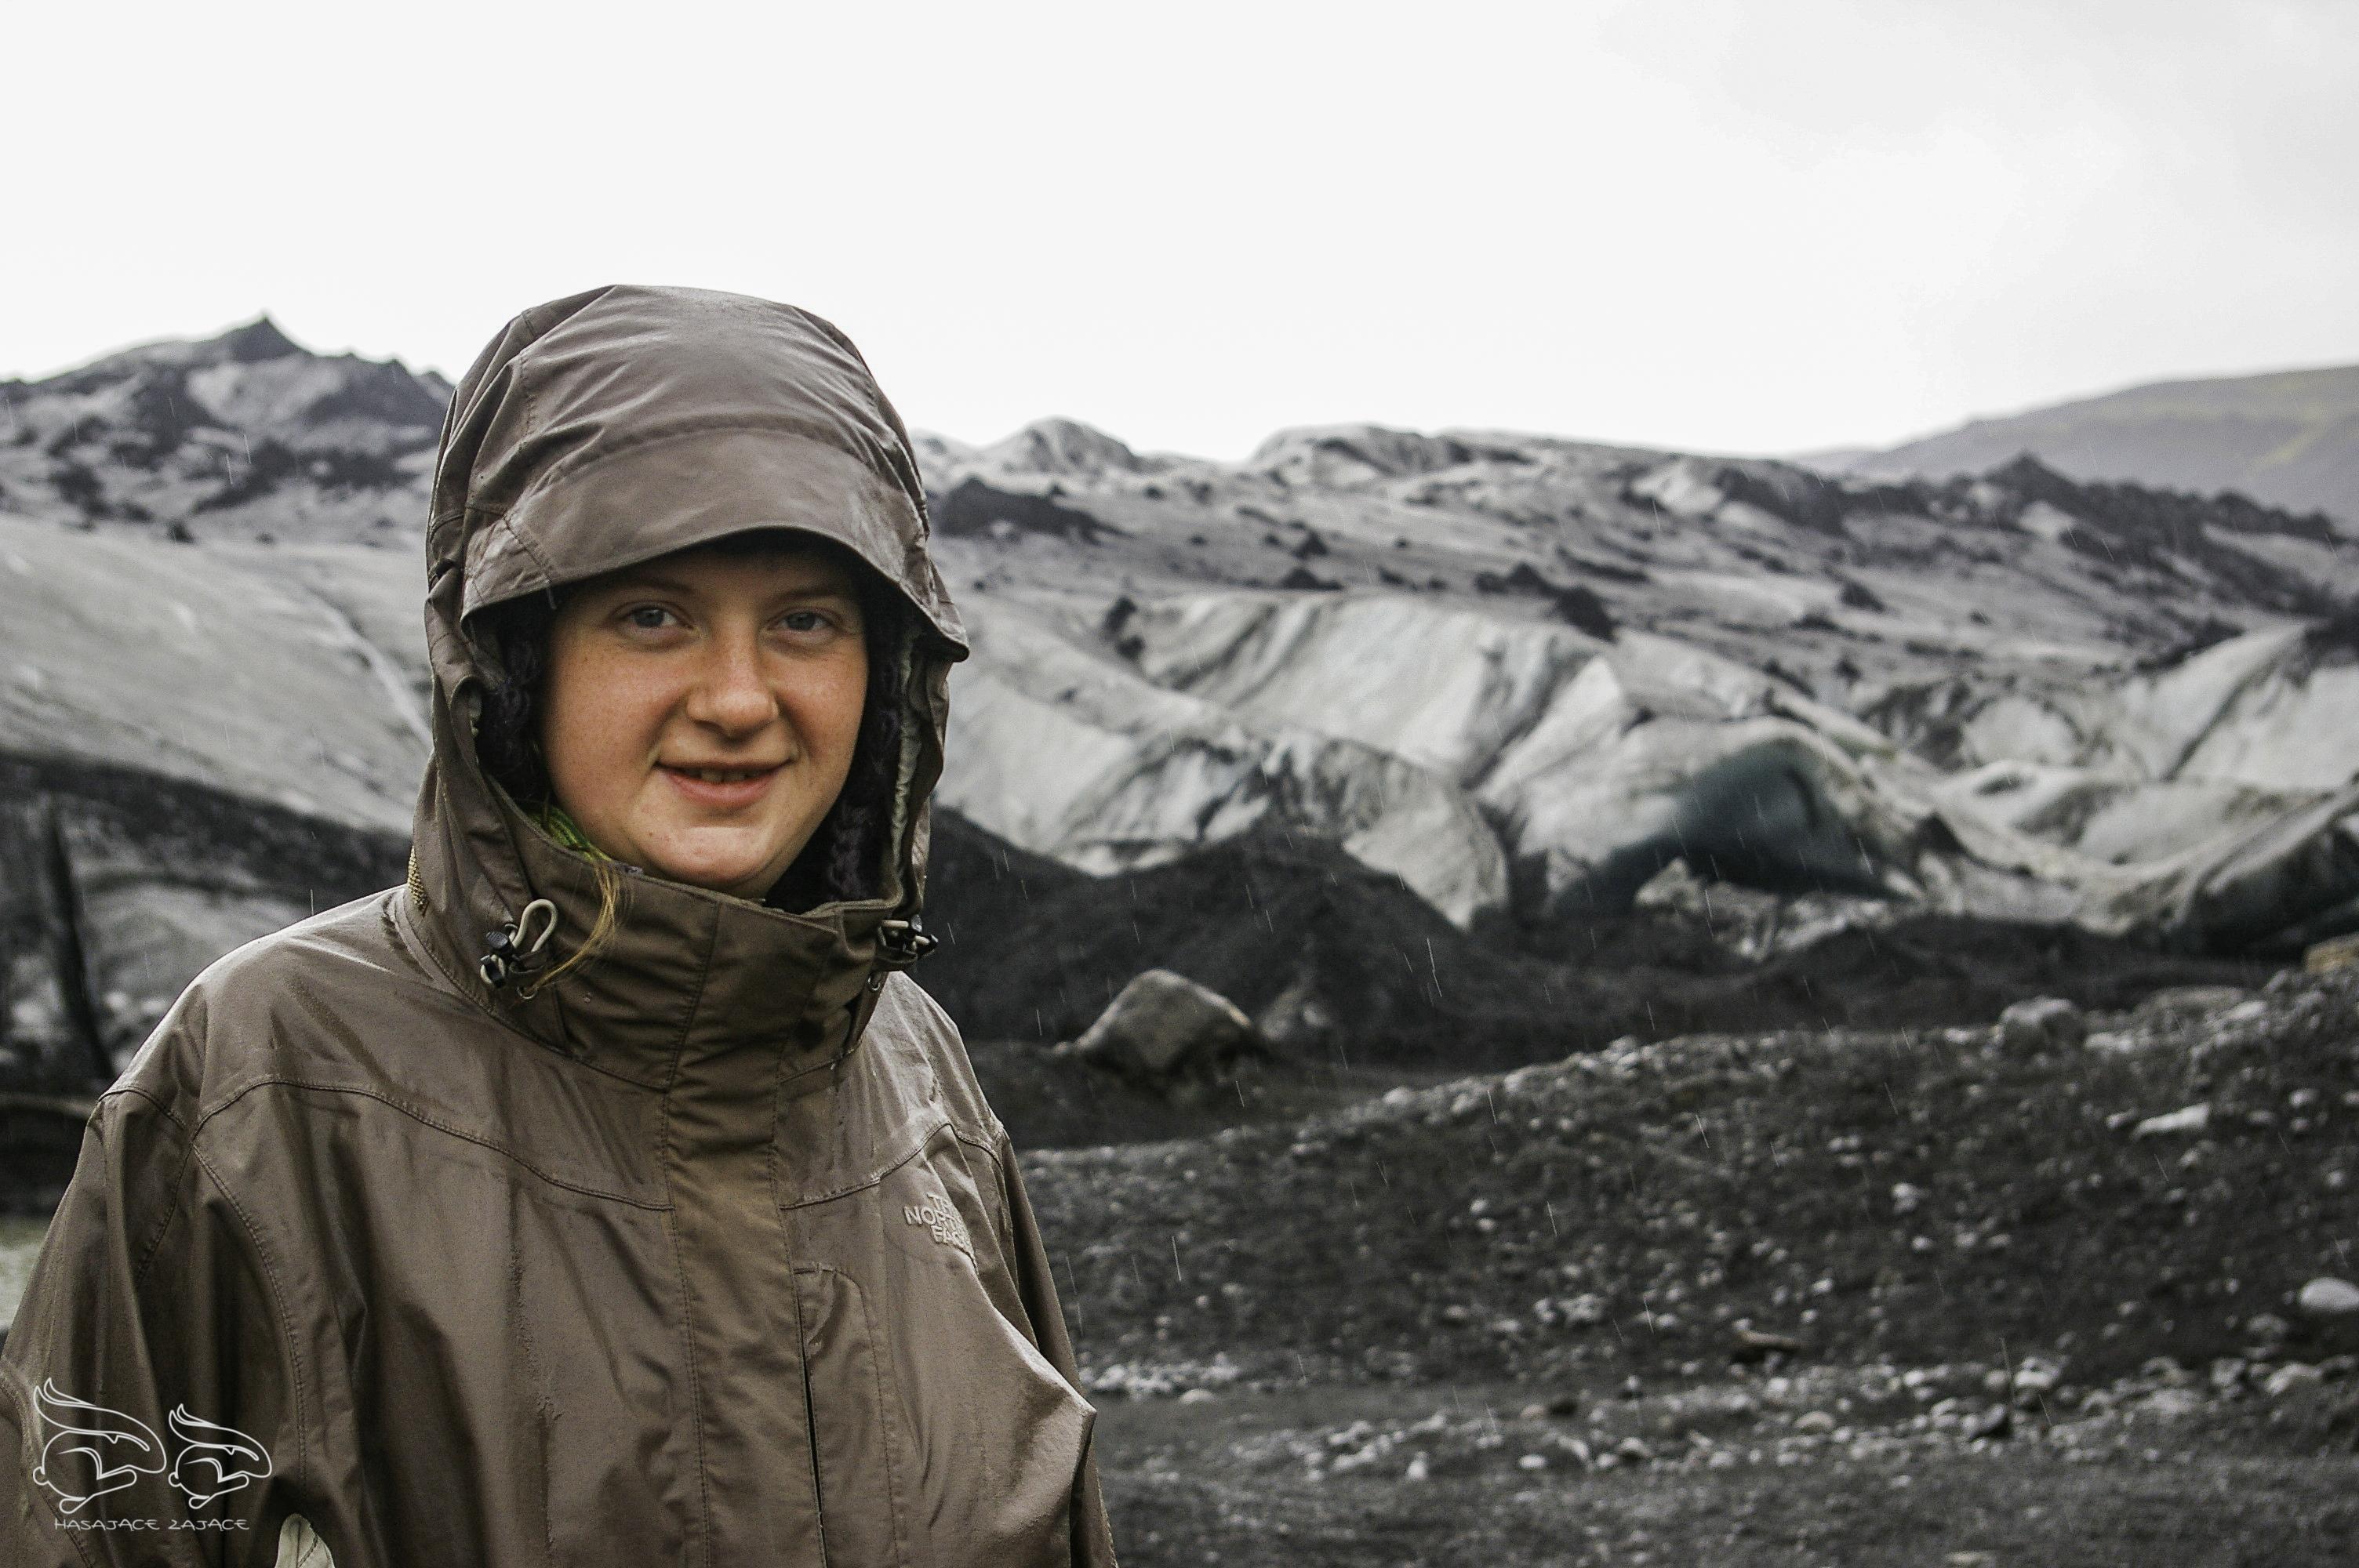 kobieta, kurtka,deszcz, krajobraz